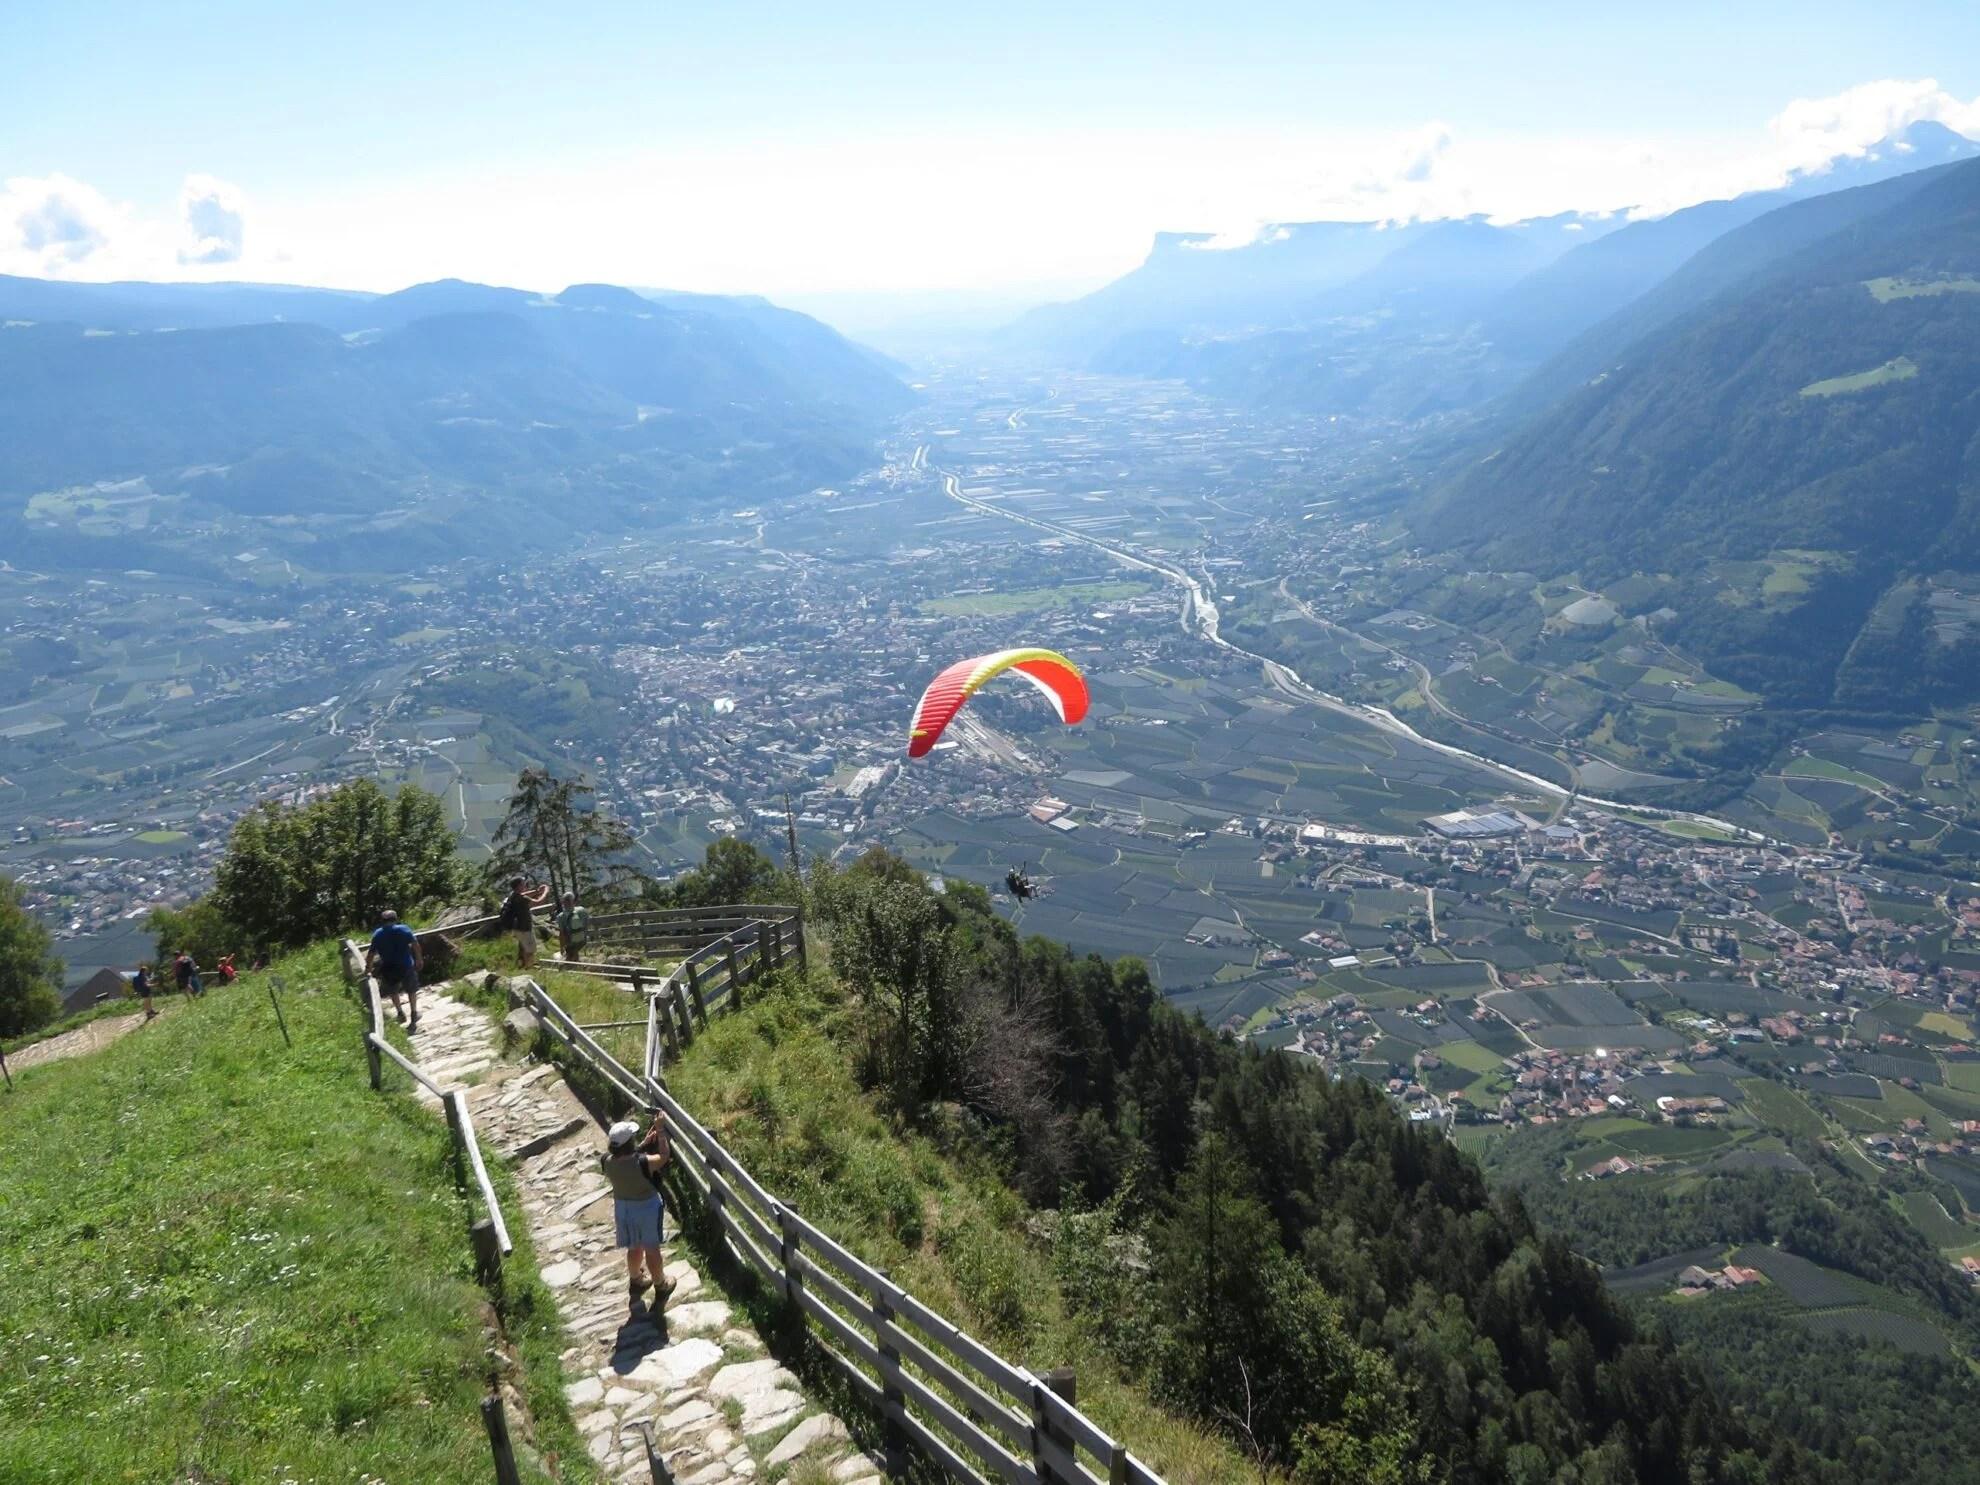 Wandelroutes in Meraner Land |  Dorf Tirol | Mutspitz | Hochmuth